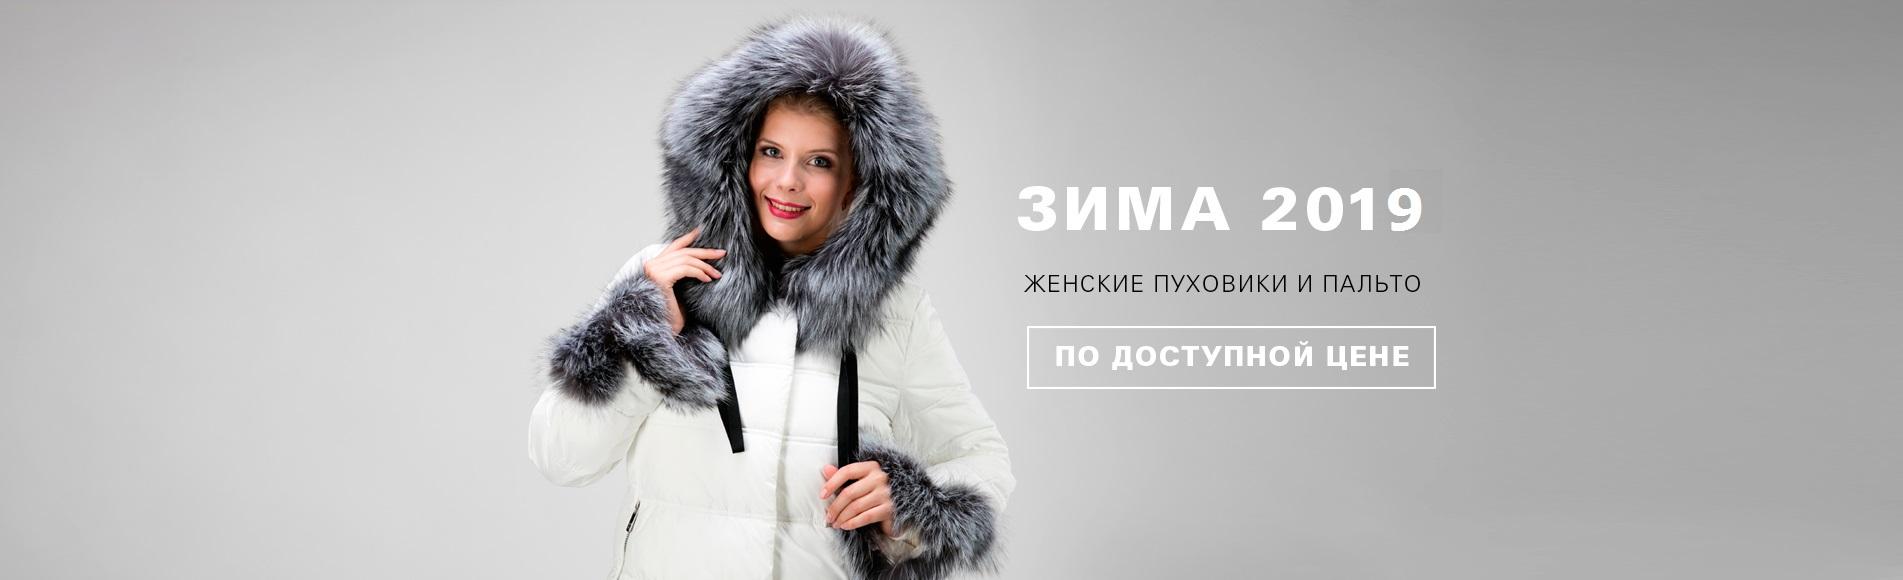 Интернет магазин Мода365_4